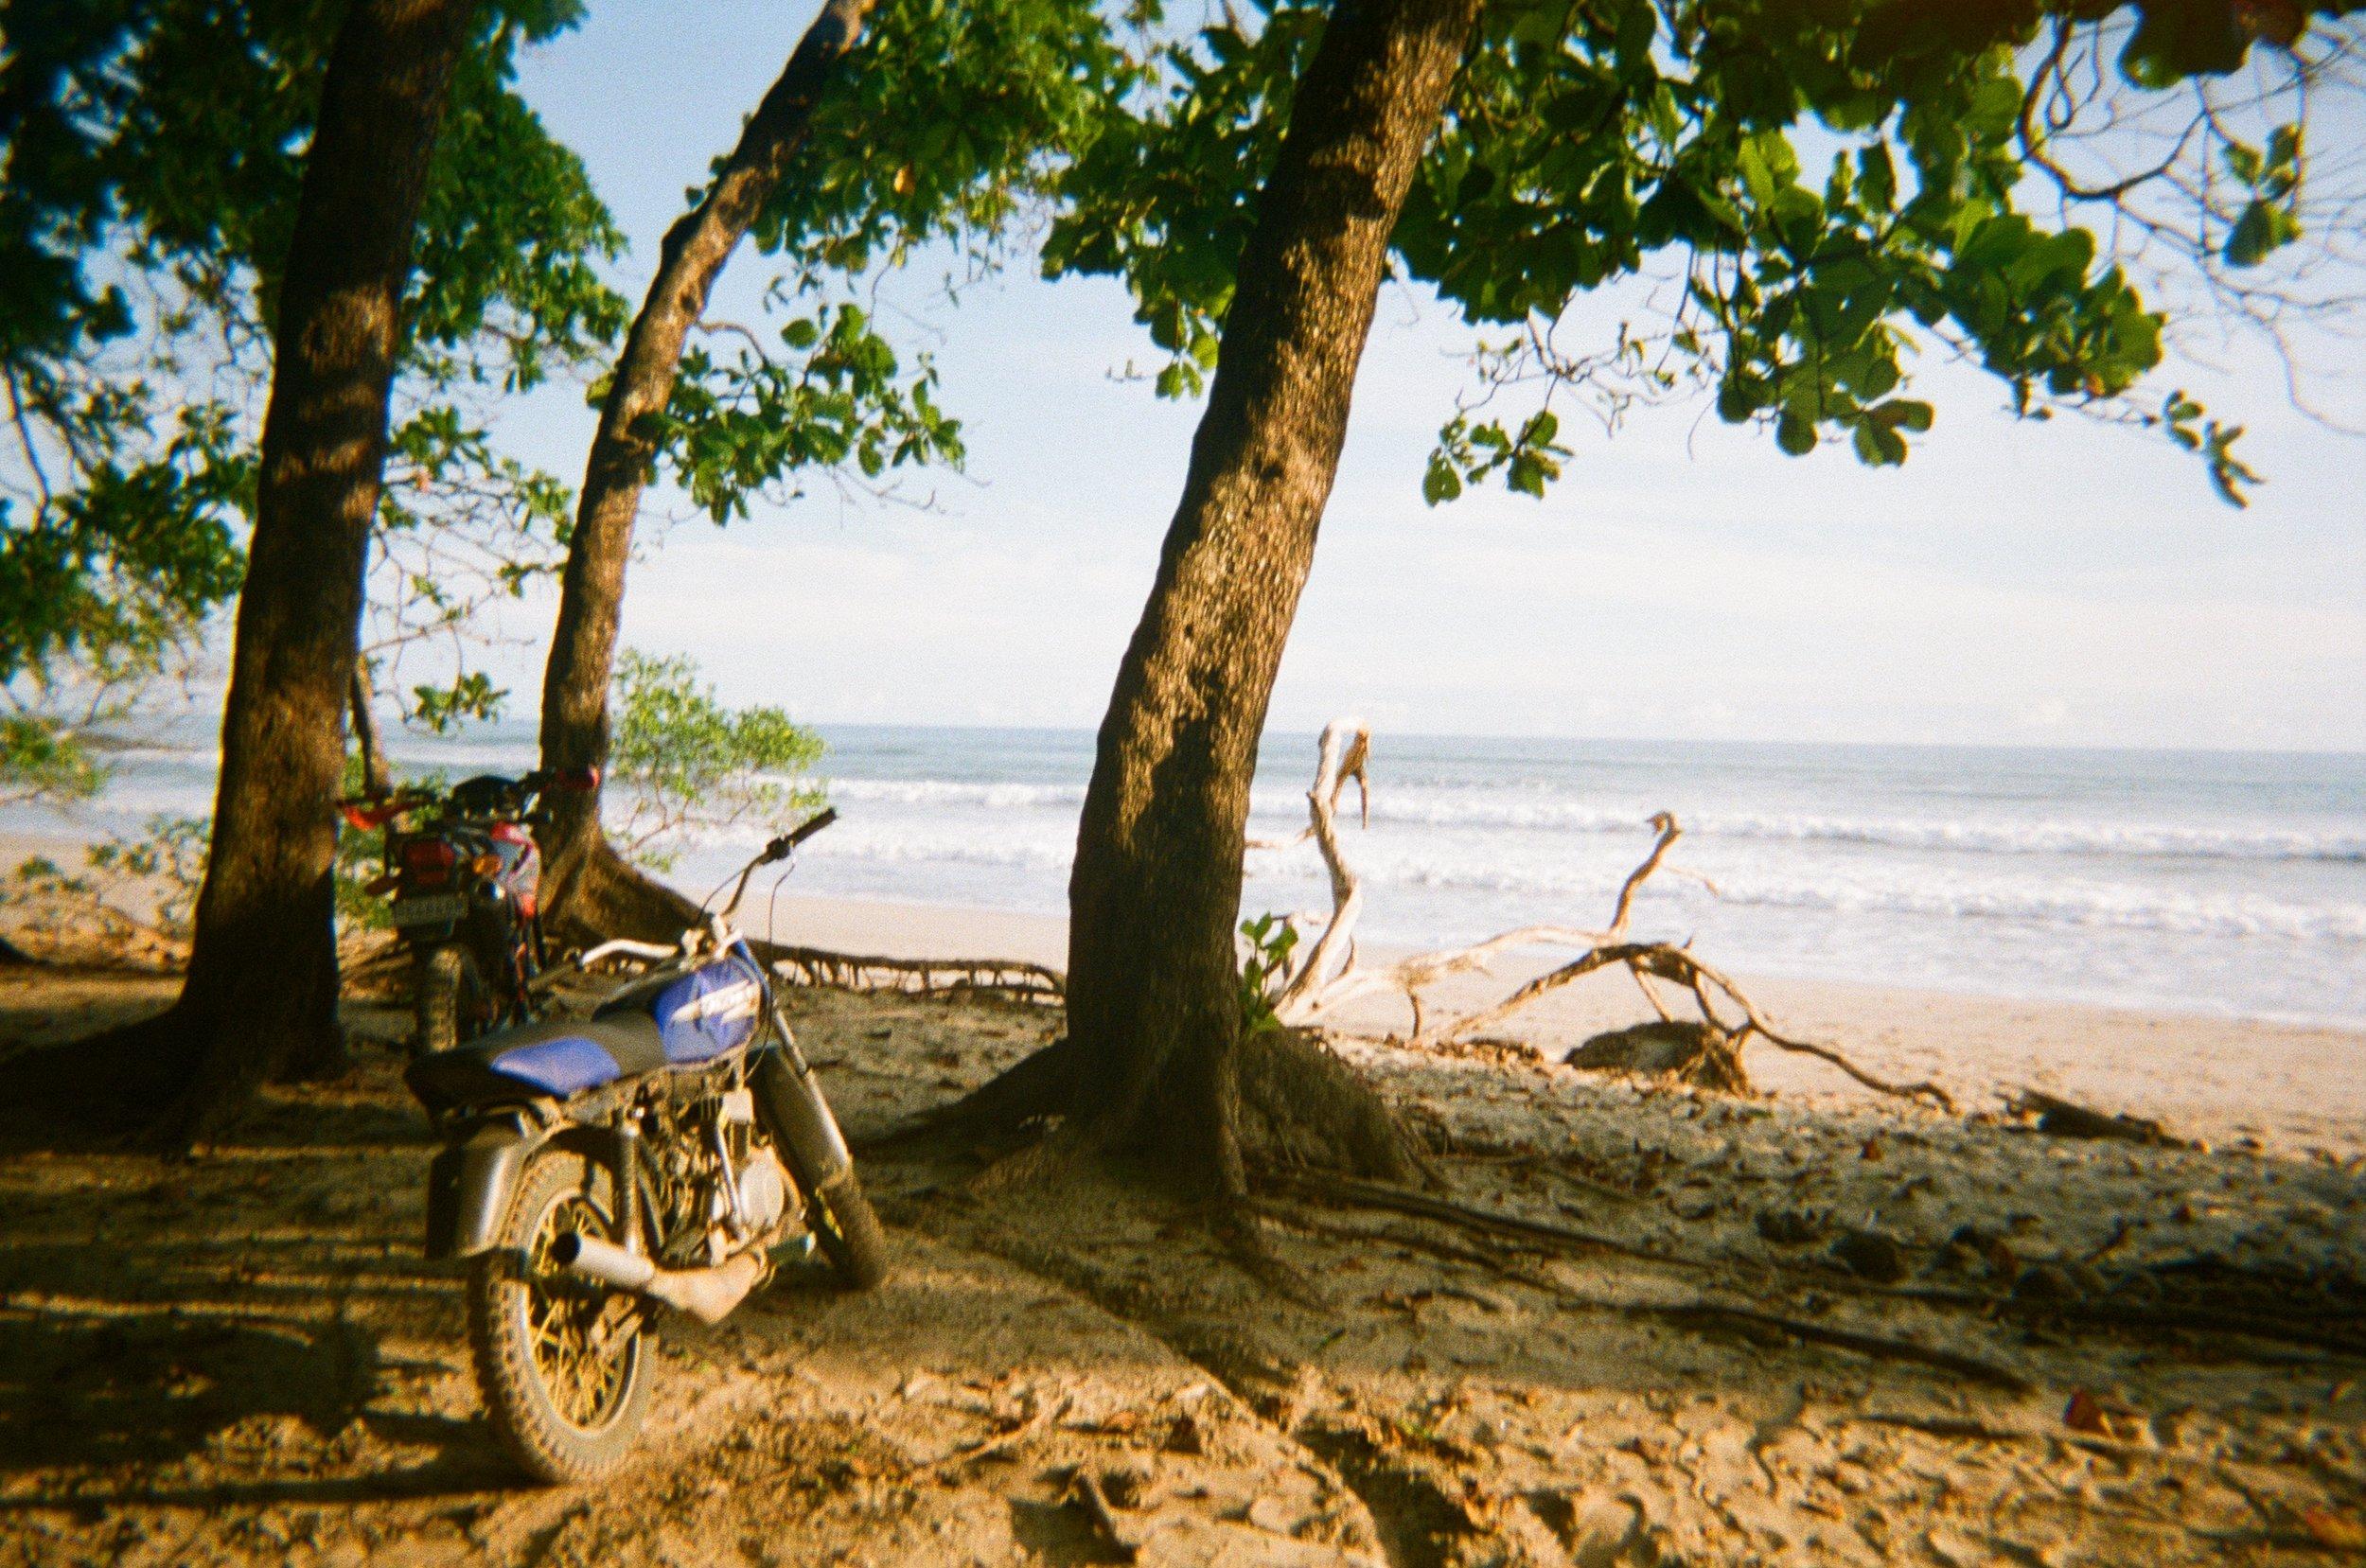 Costa Rica vibes